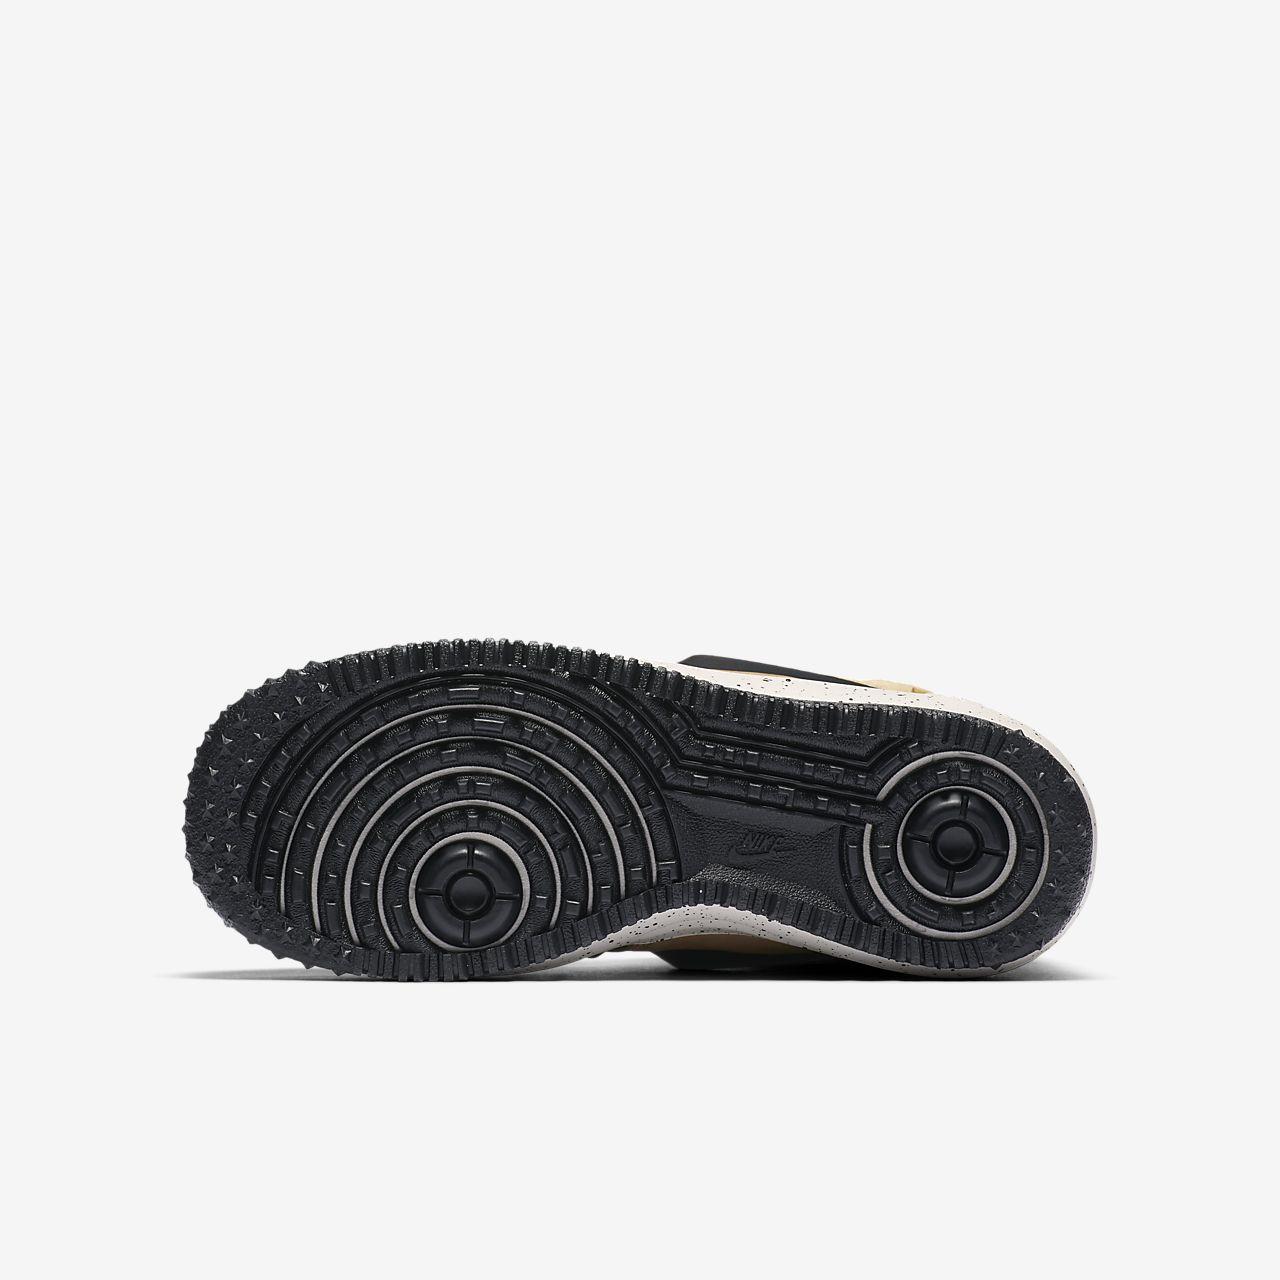 ... Botte Nike Lunar Force 1 Duckboot '17 pour Enfant plus âgé